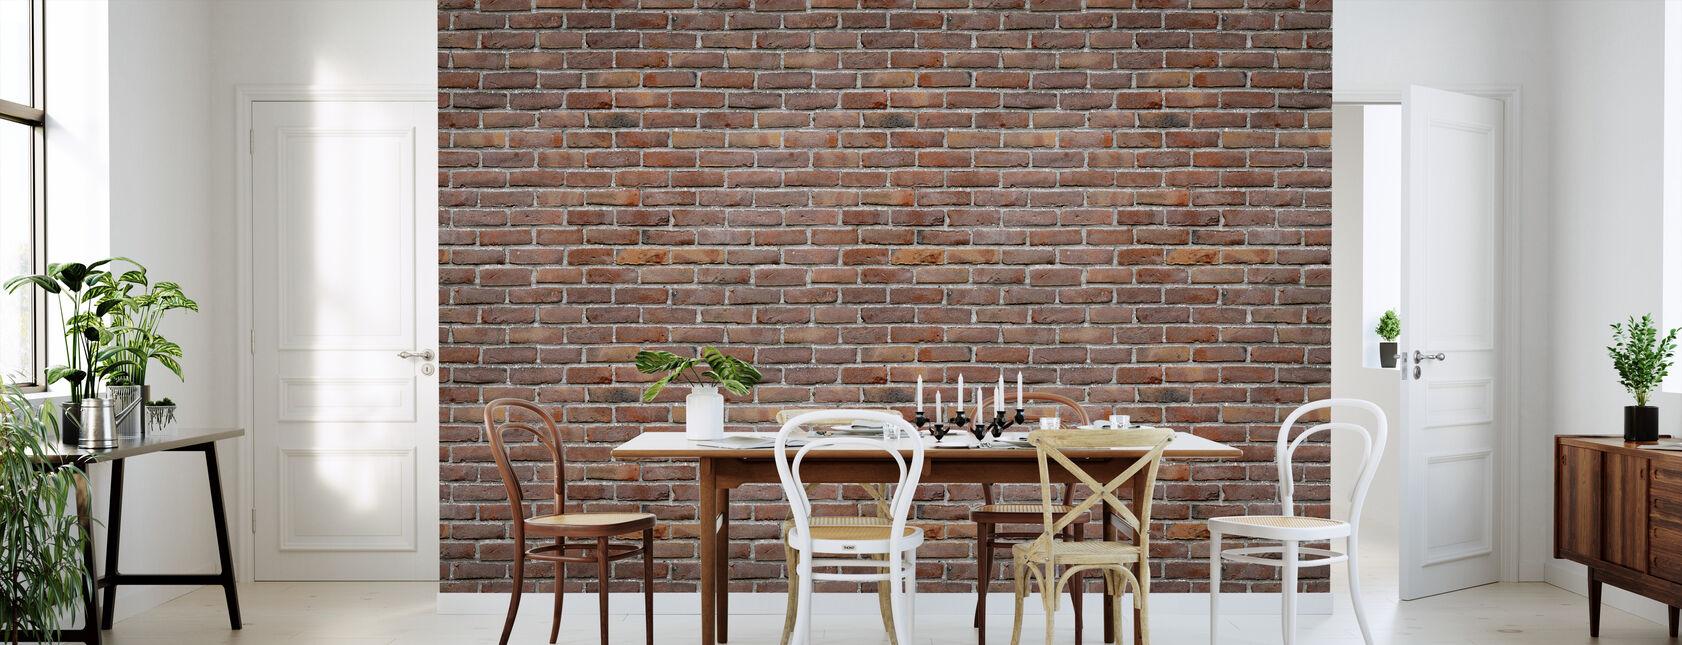 Murvegg - Tapet - Kjøkken